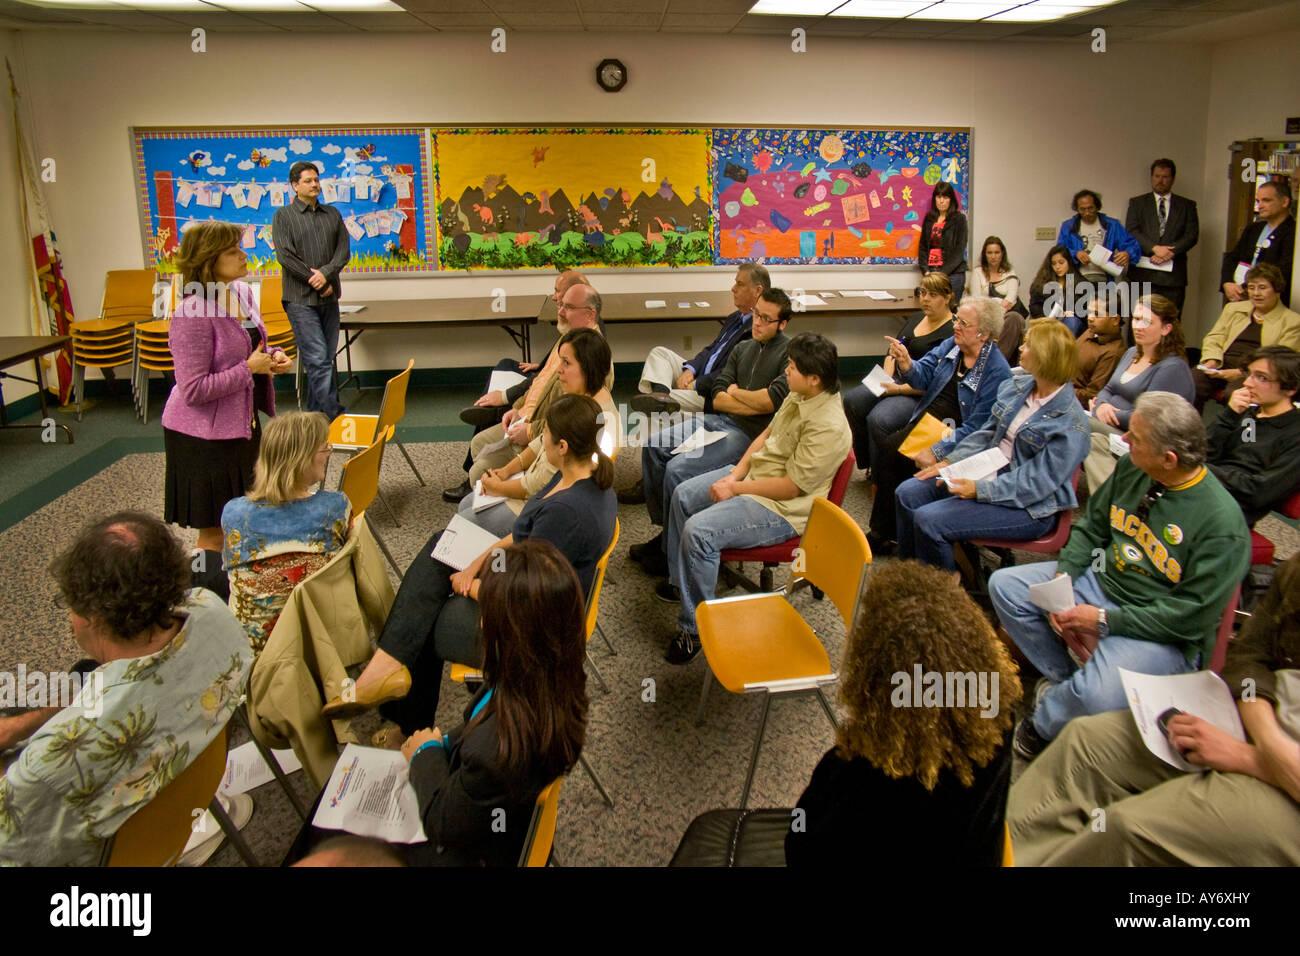 Loretta Sanchez Stock Photos & Loretta Sanchez Stock Images - Alamy